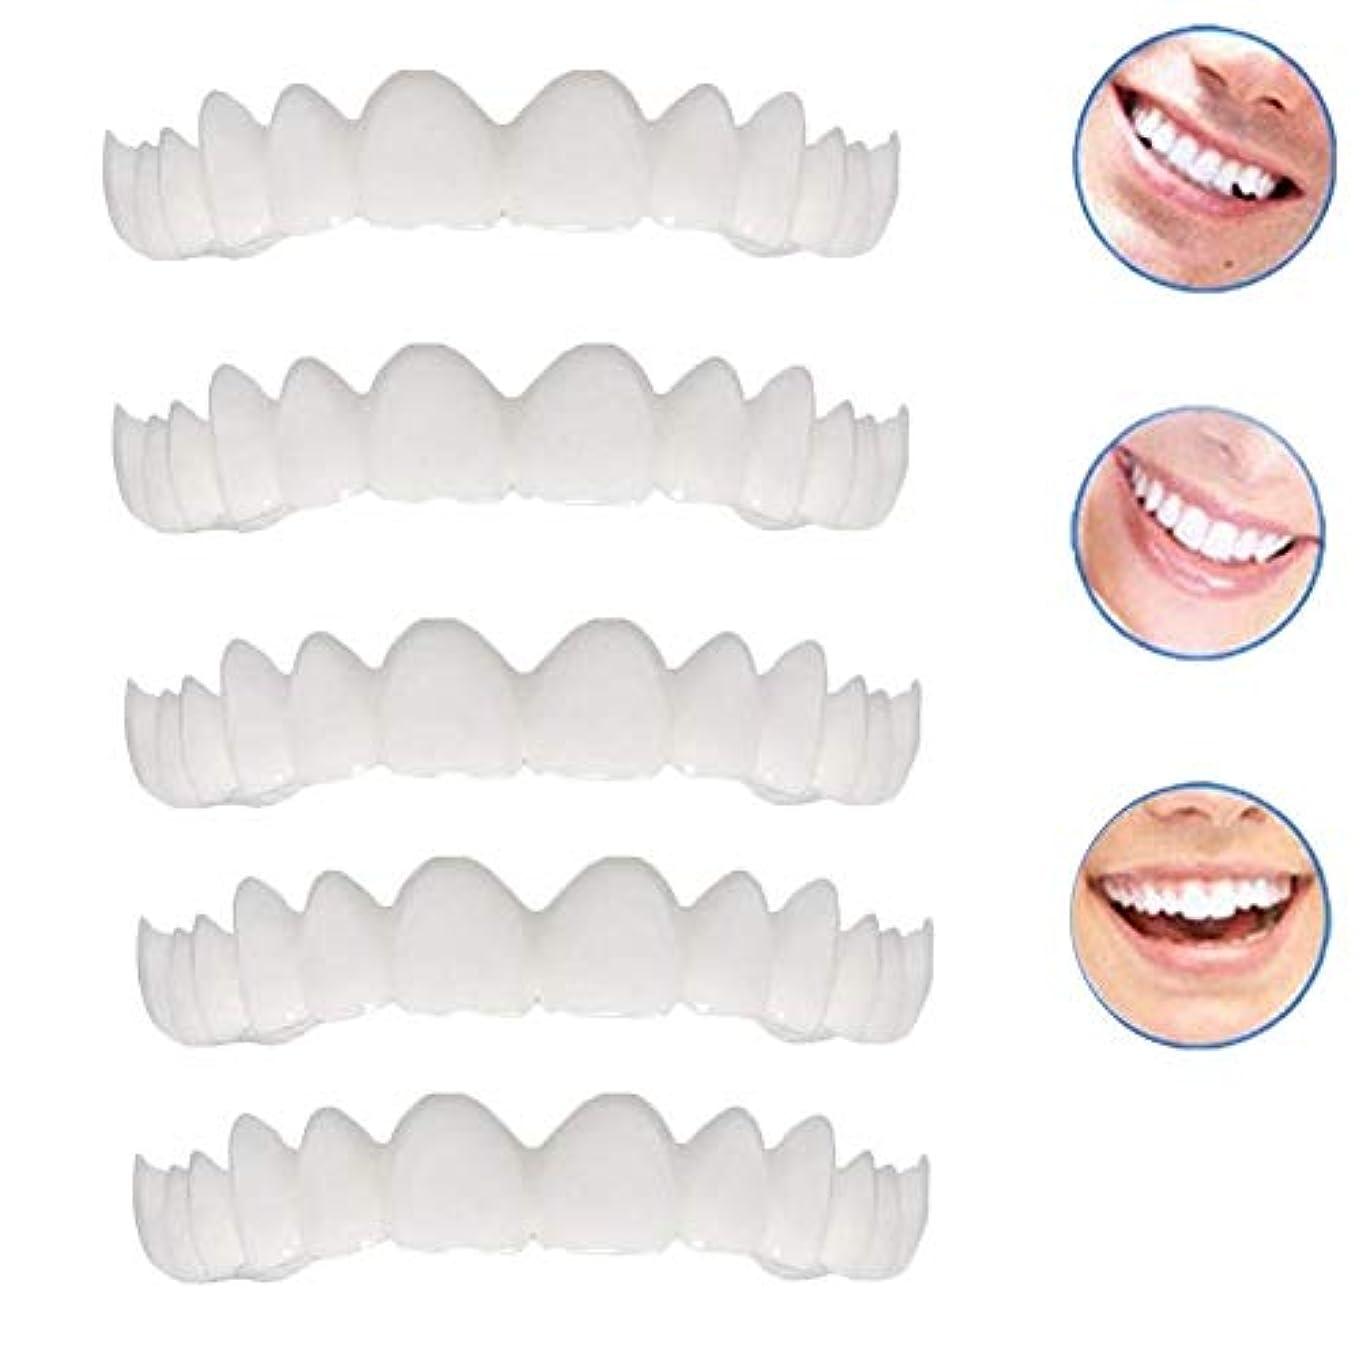 チャーターハウスお香2本の偽のベニヤ修正歯のトップホワイトニング化粧品義歯修正のための悪い歯のための新しいプロの笑顔のベニヤ